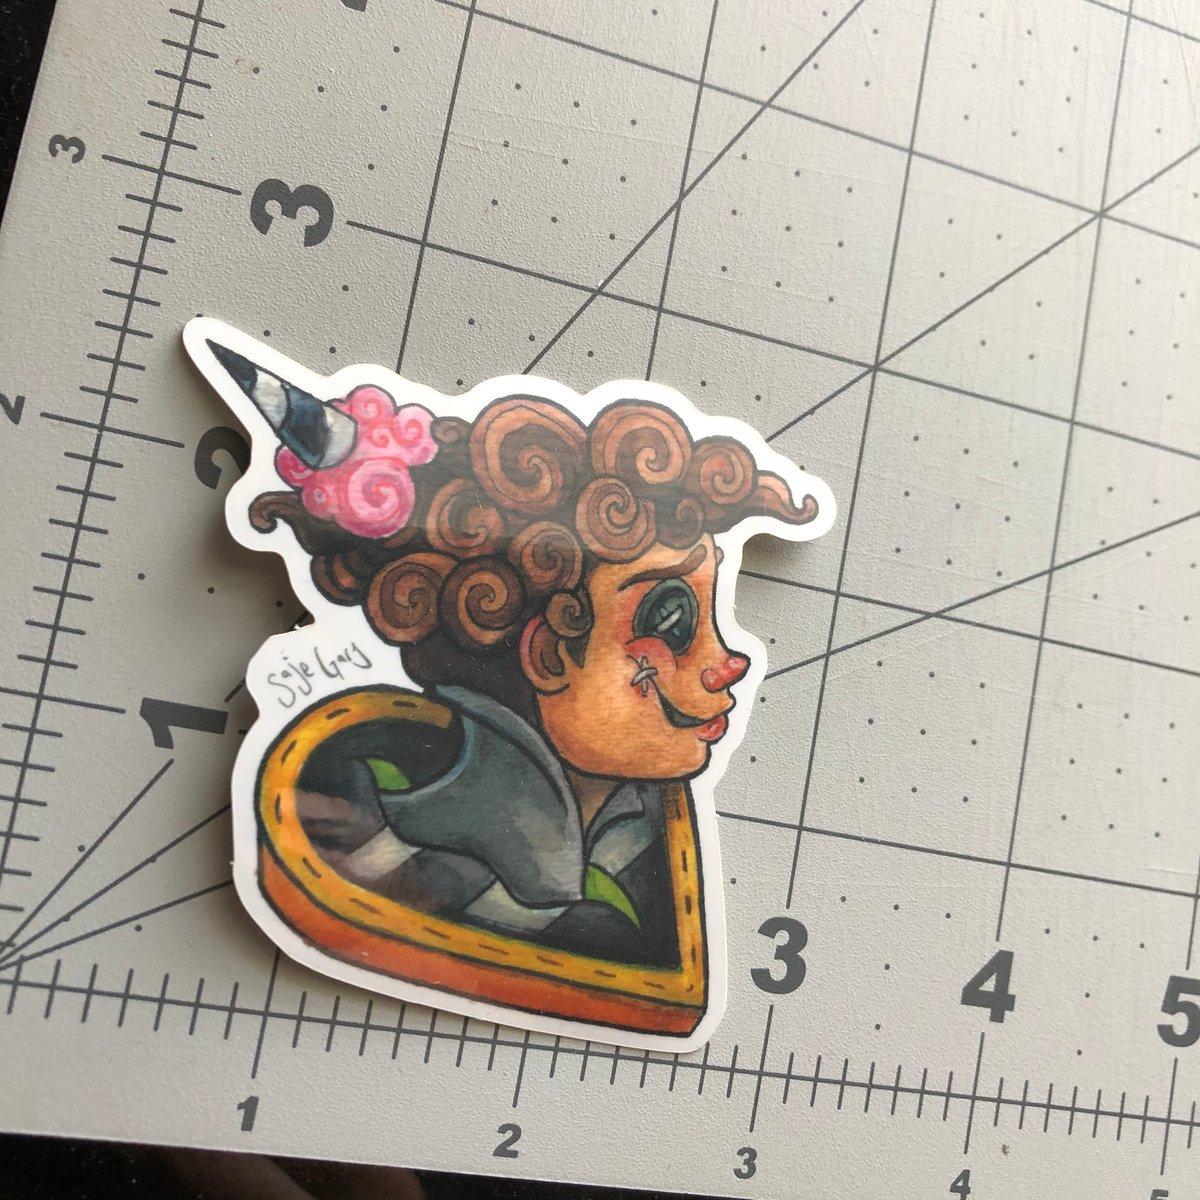 Image of Wybie sticker